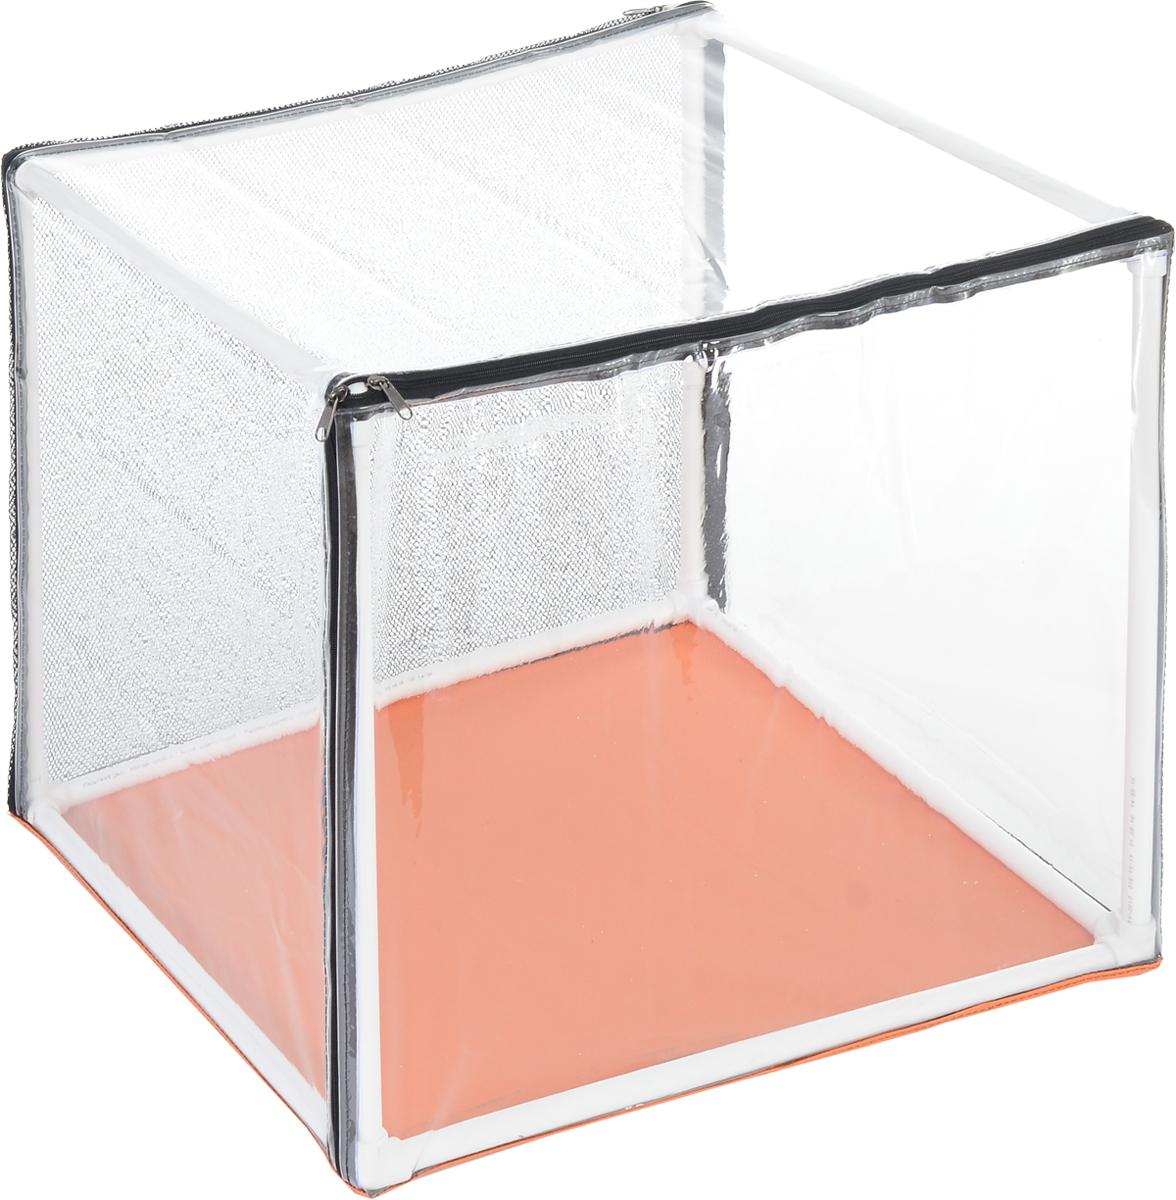 Клетка для животных Elite Valley Аквариум, выставочная, цвет: прозрачный, оранжевый, белый, 76 х 56 х 56 смК-13/2_прозрачный, оранжевый, белыйКлетка Elite Valley Аквариум предназначена для показа кошек и собак на выставках.Она выполнена из плотного текстиля, каркас - пластиковые трубки. Клетка оснащенасъемной пленкой и съемной сеткой. Клетка быстро собирается и разбирается. В комплекте сумка-чехол для удобной транспортировки.